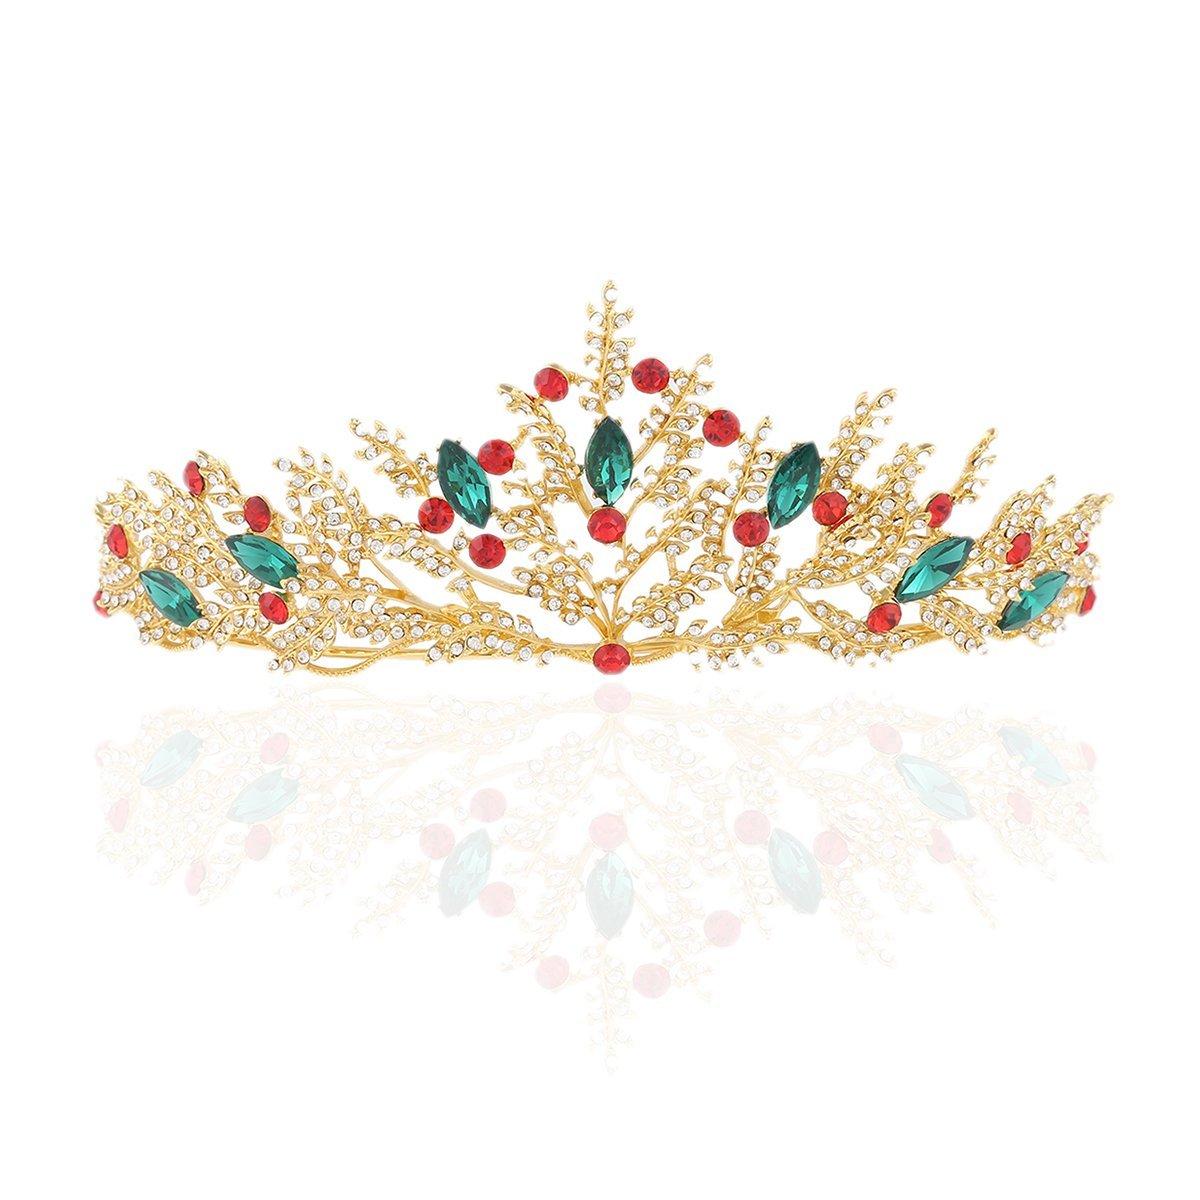 PIXNOR Wedding Tiara Crystal Leaf Crown Bridal Headband (Gold)